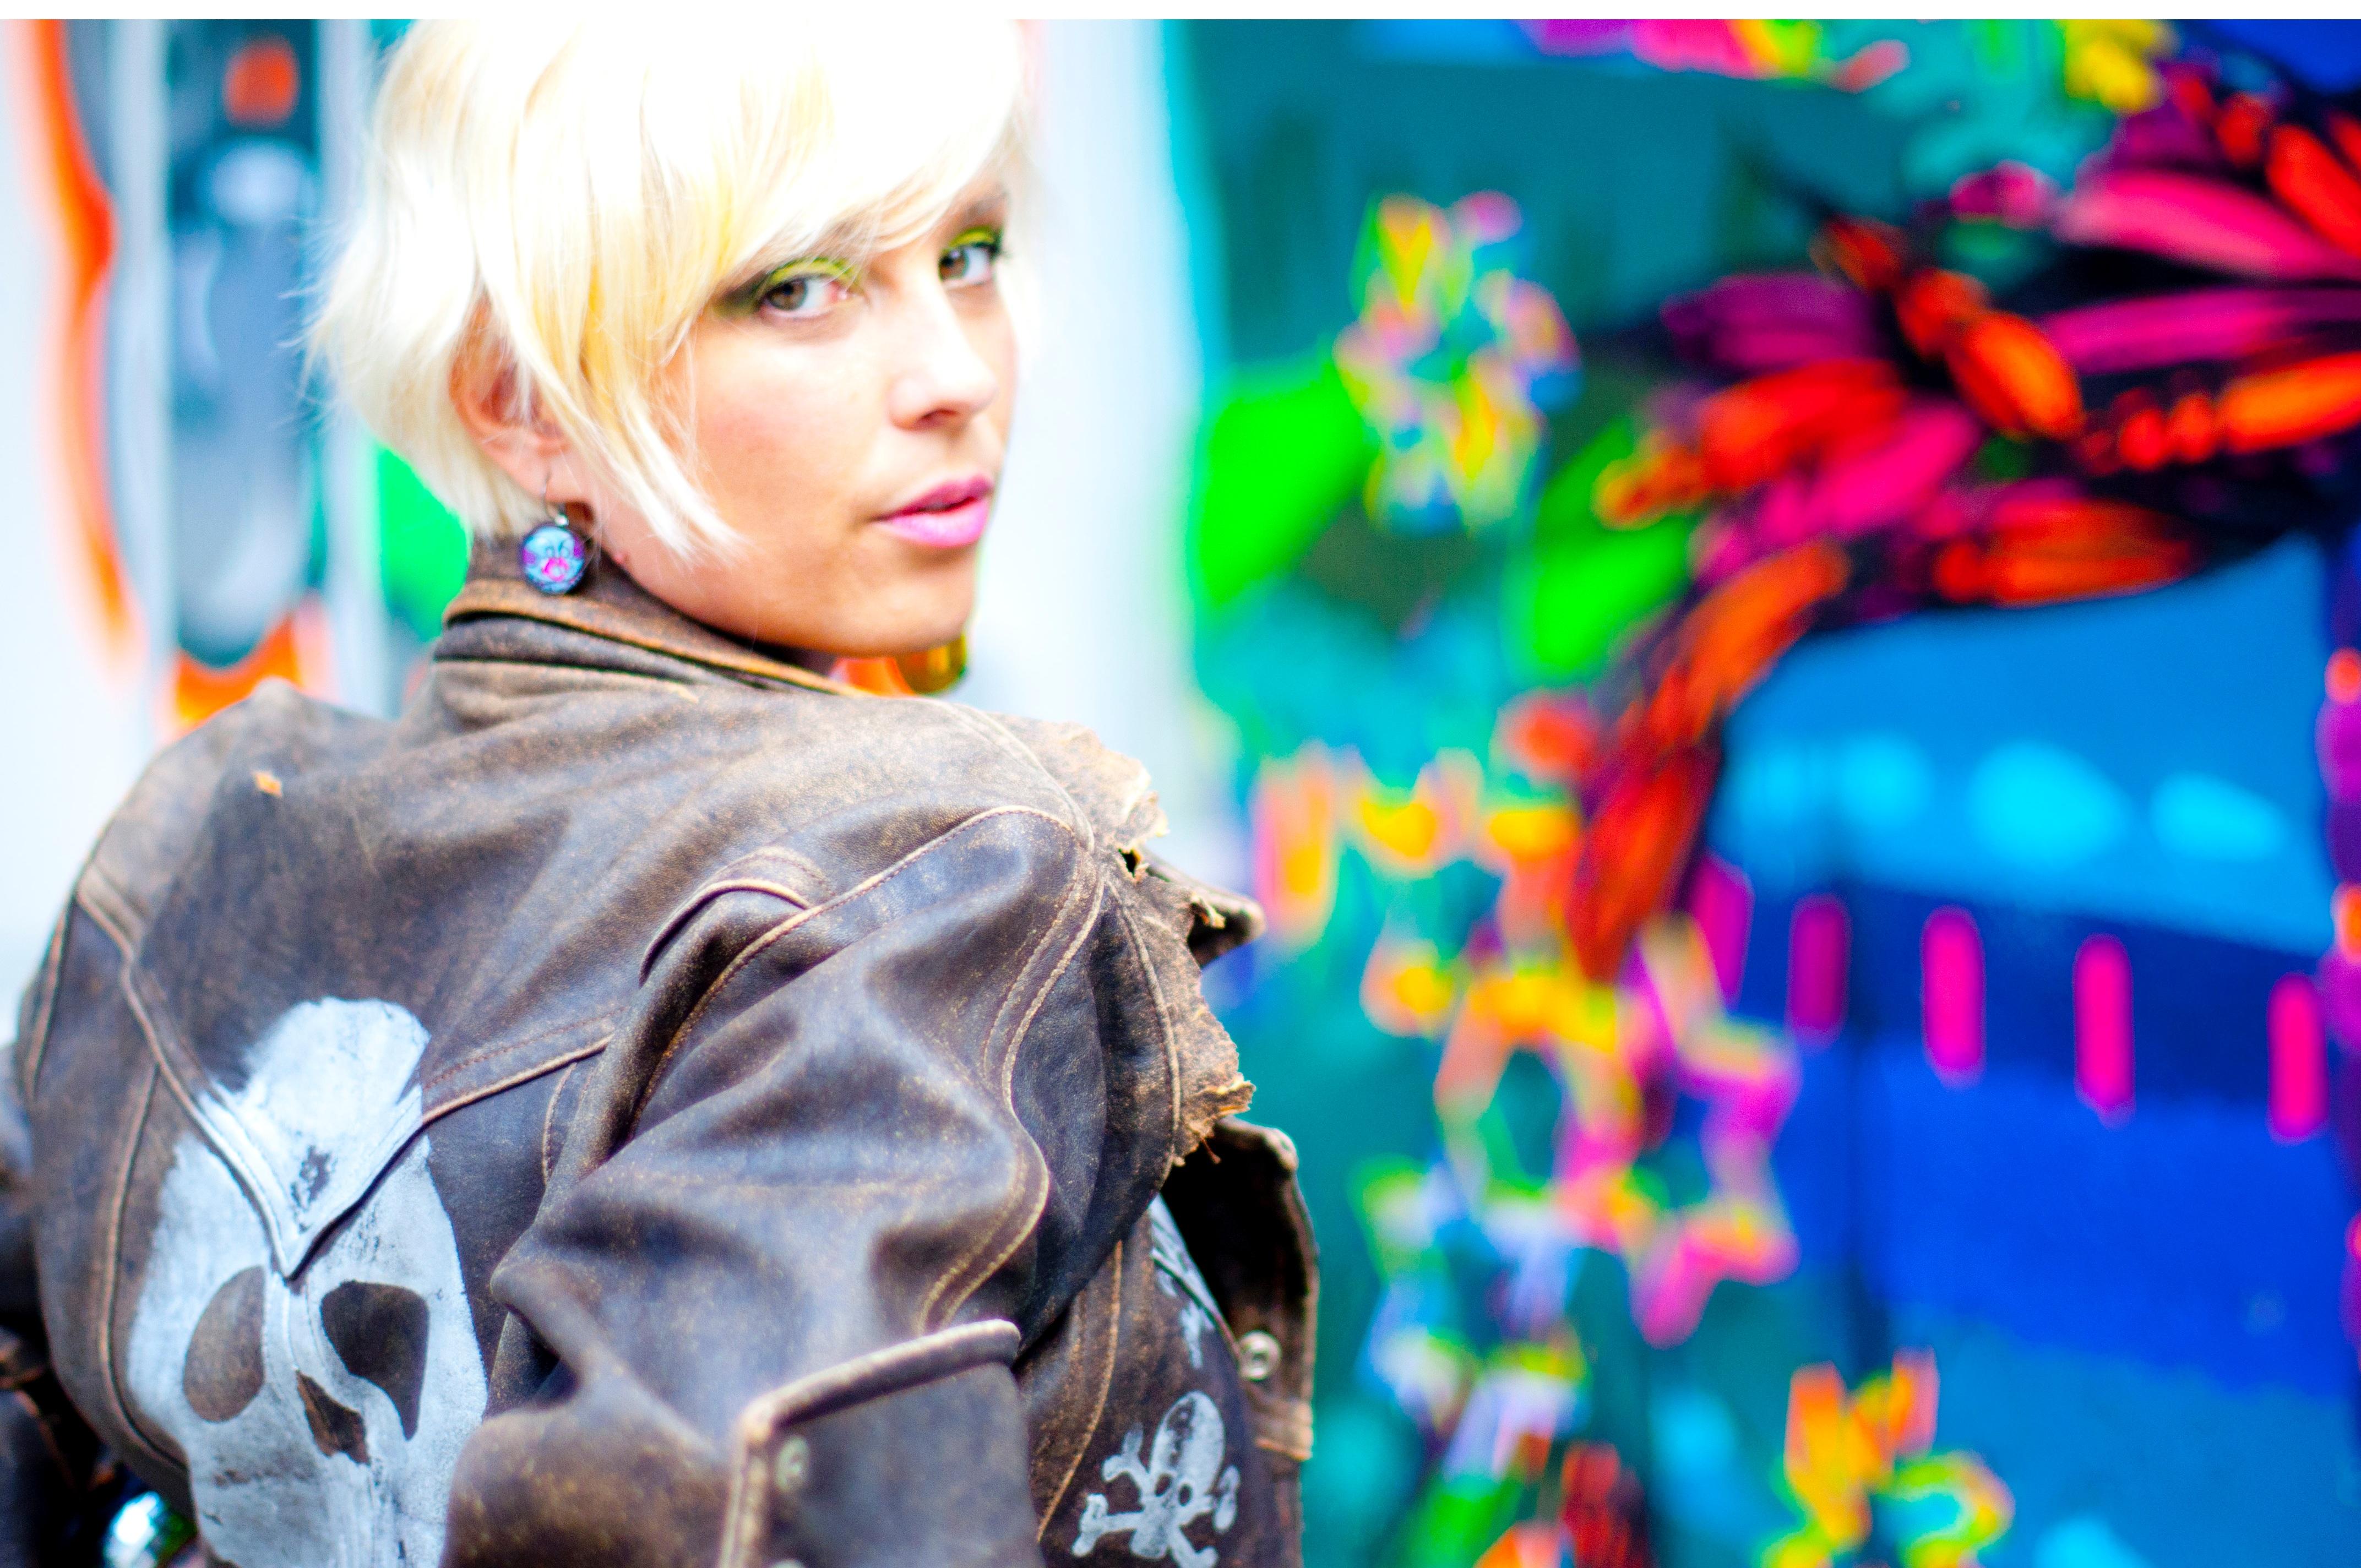 DJ Nicole Nandes Credito Divulgacao (1)